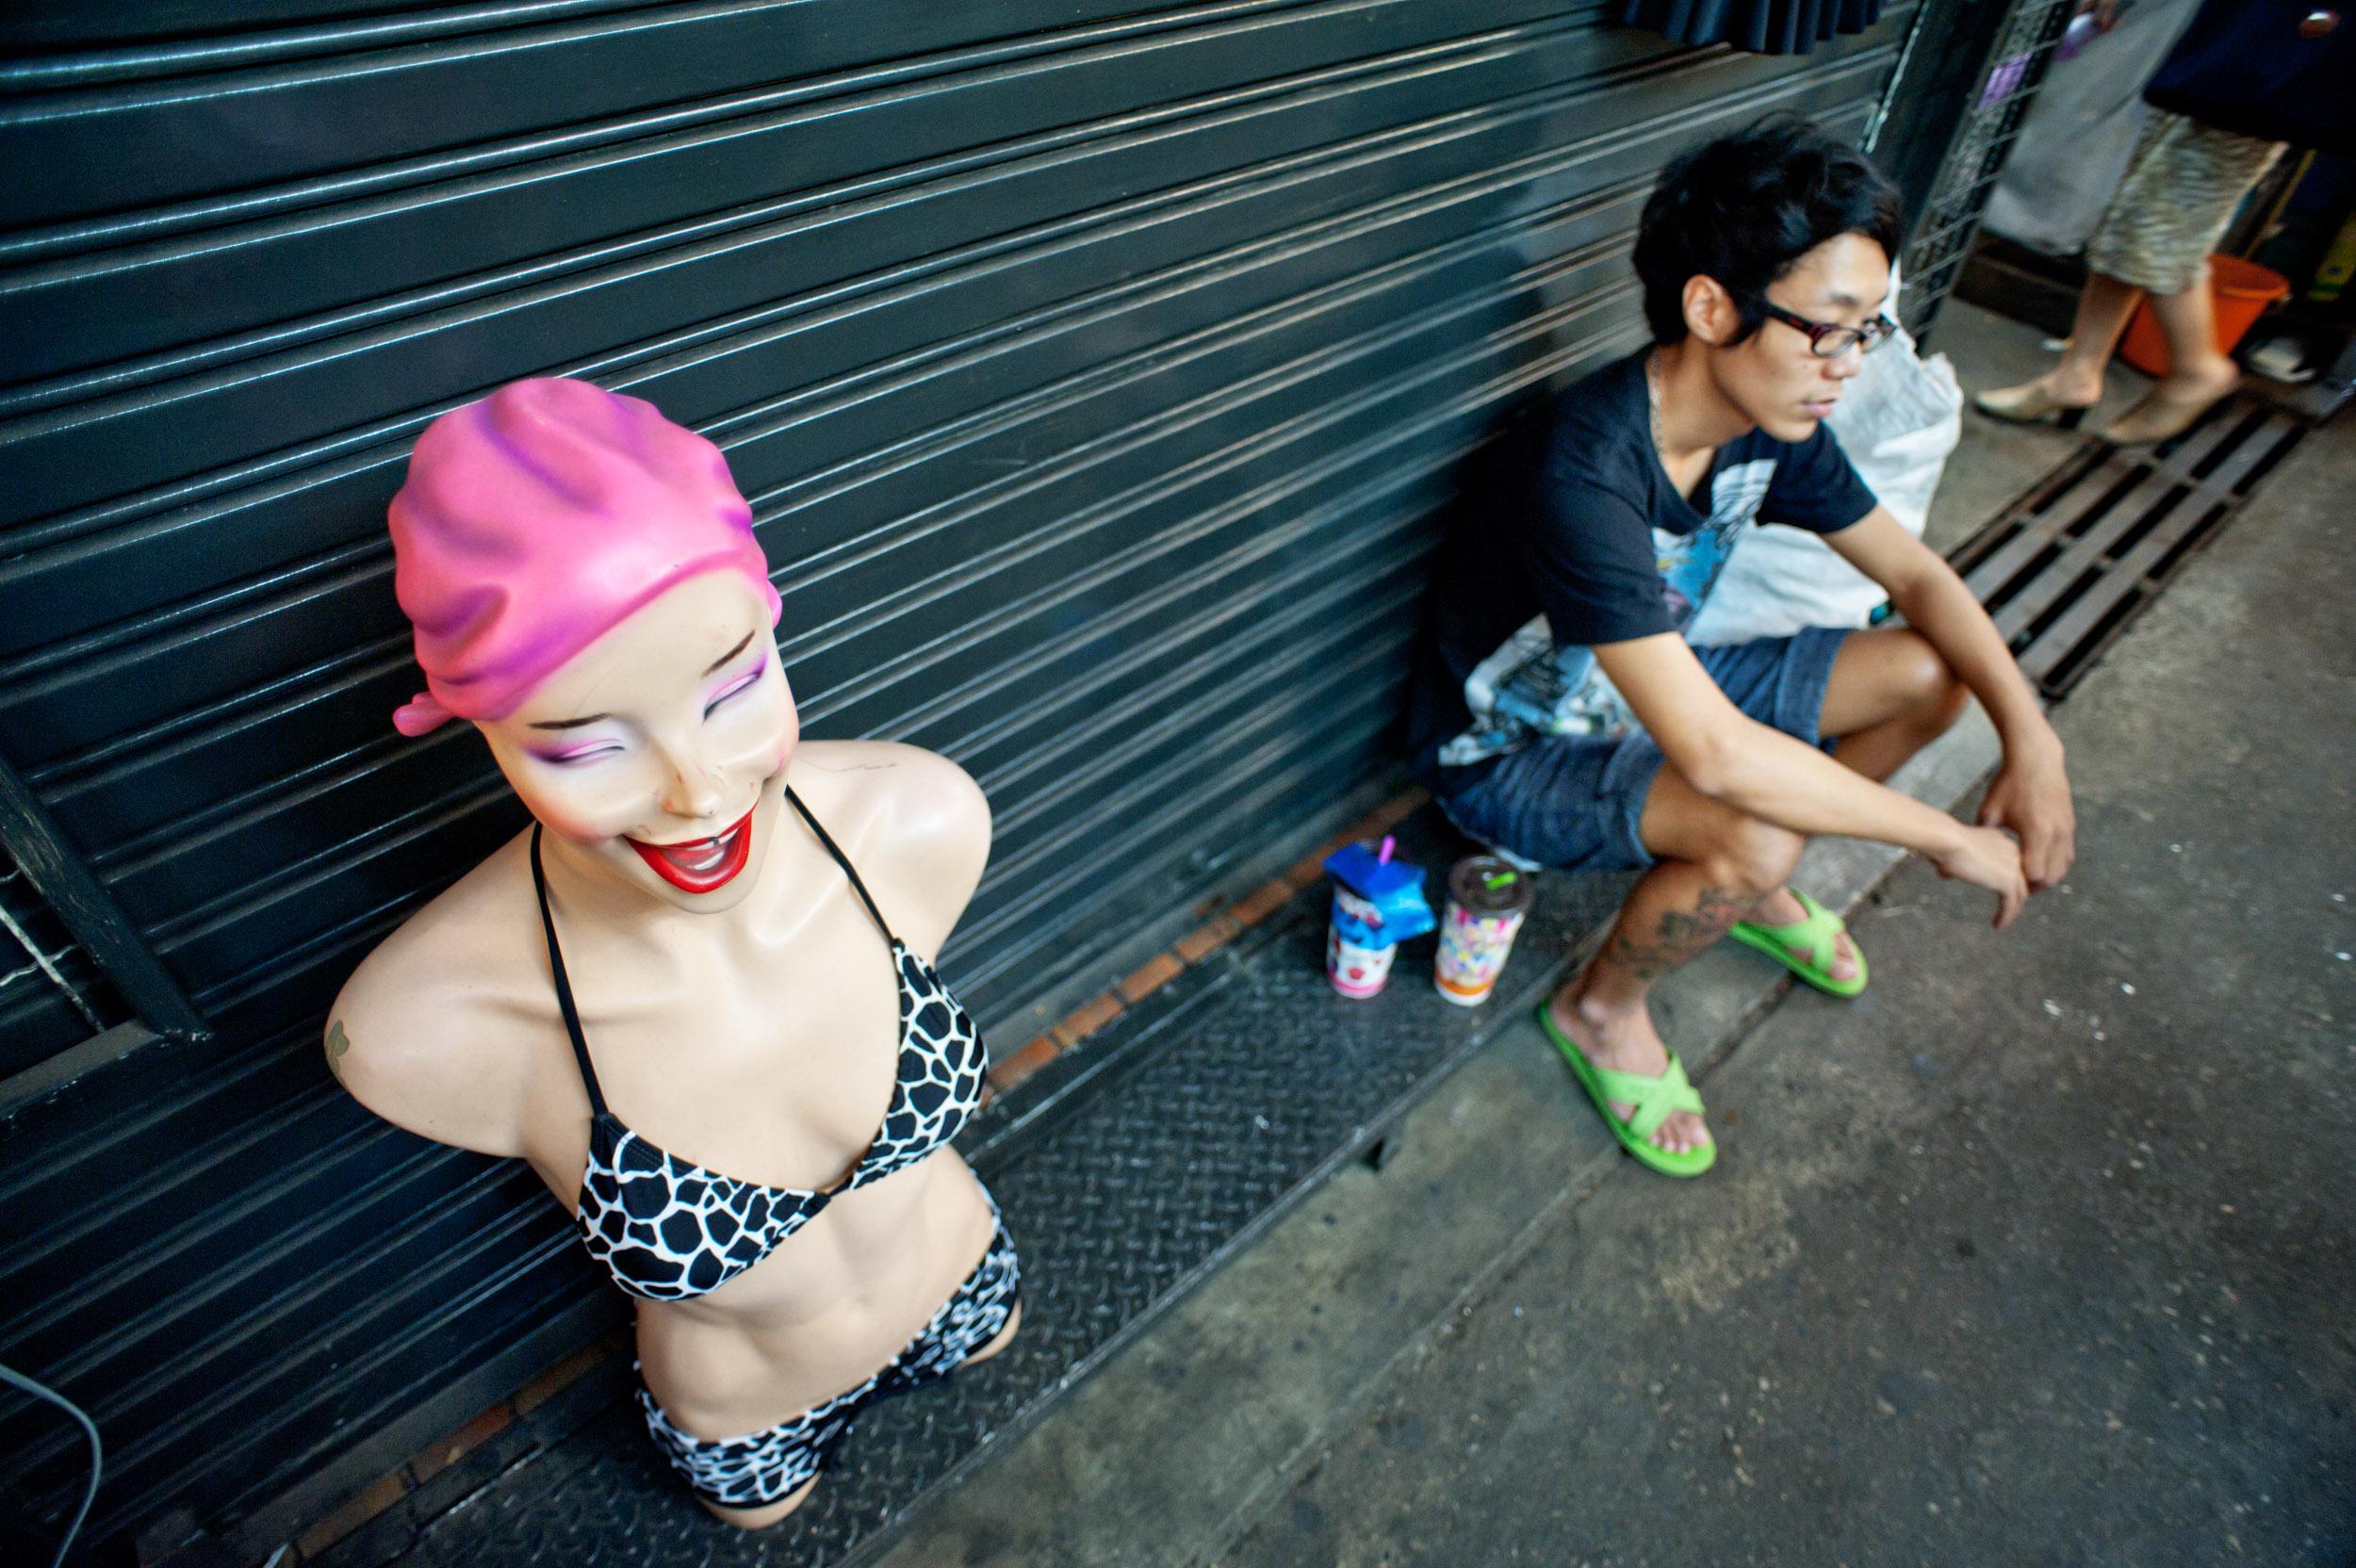 pessoa no chão com manequim © Kevin Landwer-Johan